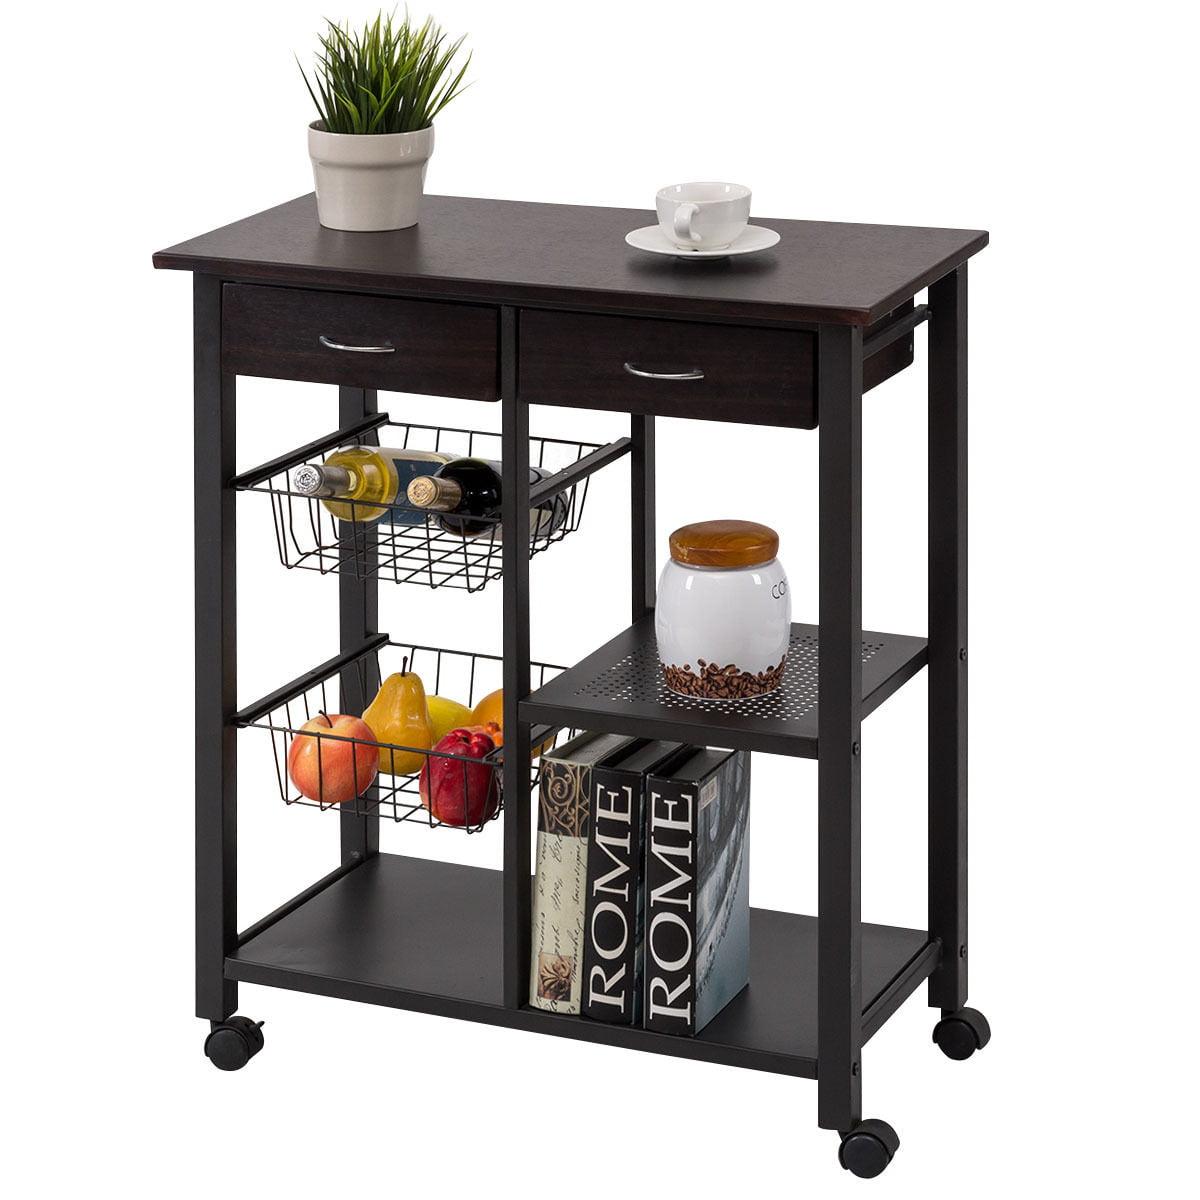 Kitchen Shelves Walmart: Costway Rolling Kitchen Trolley Cart Storage Island